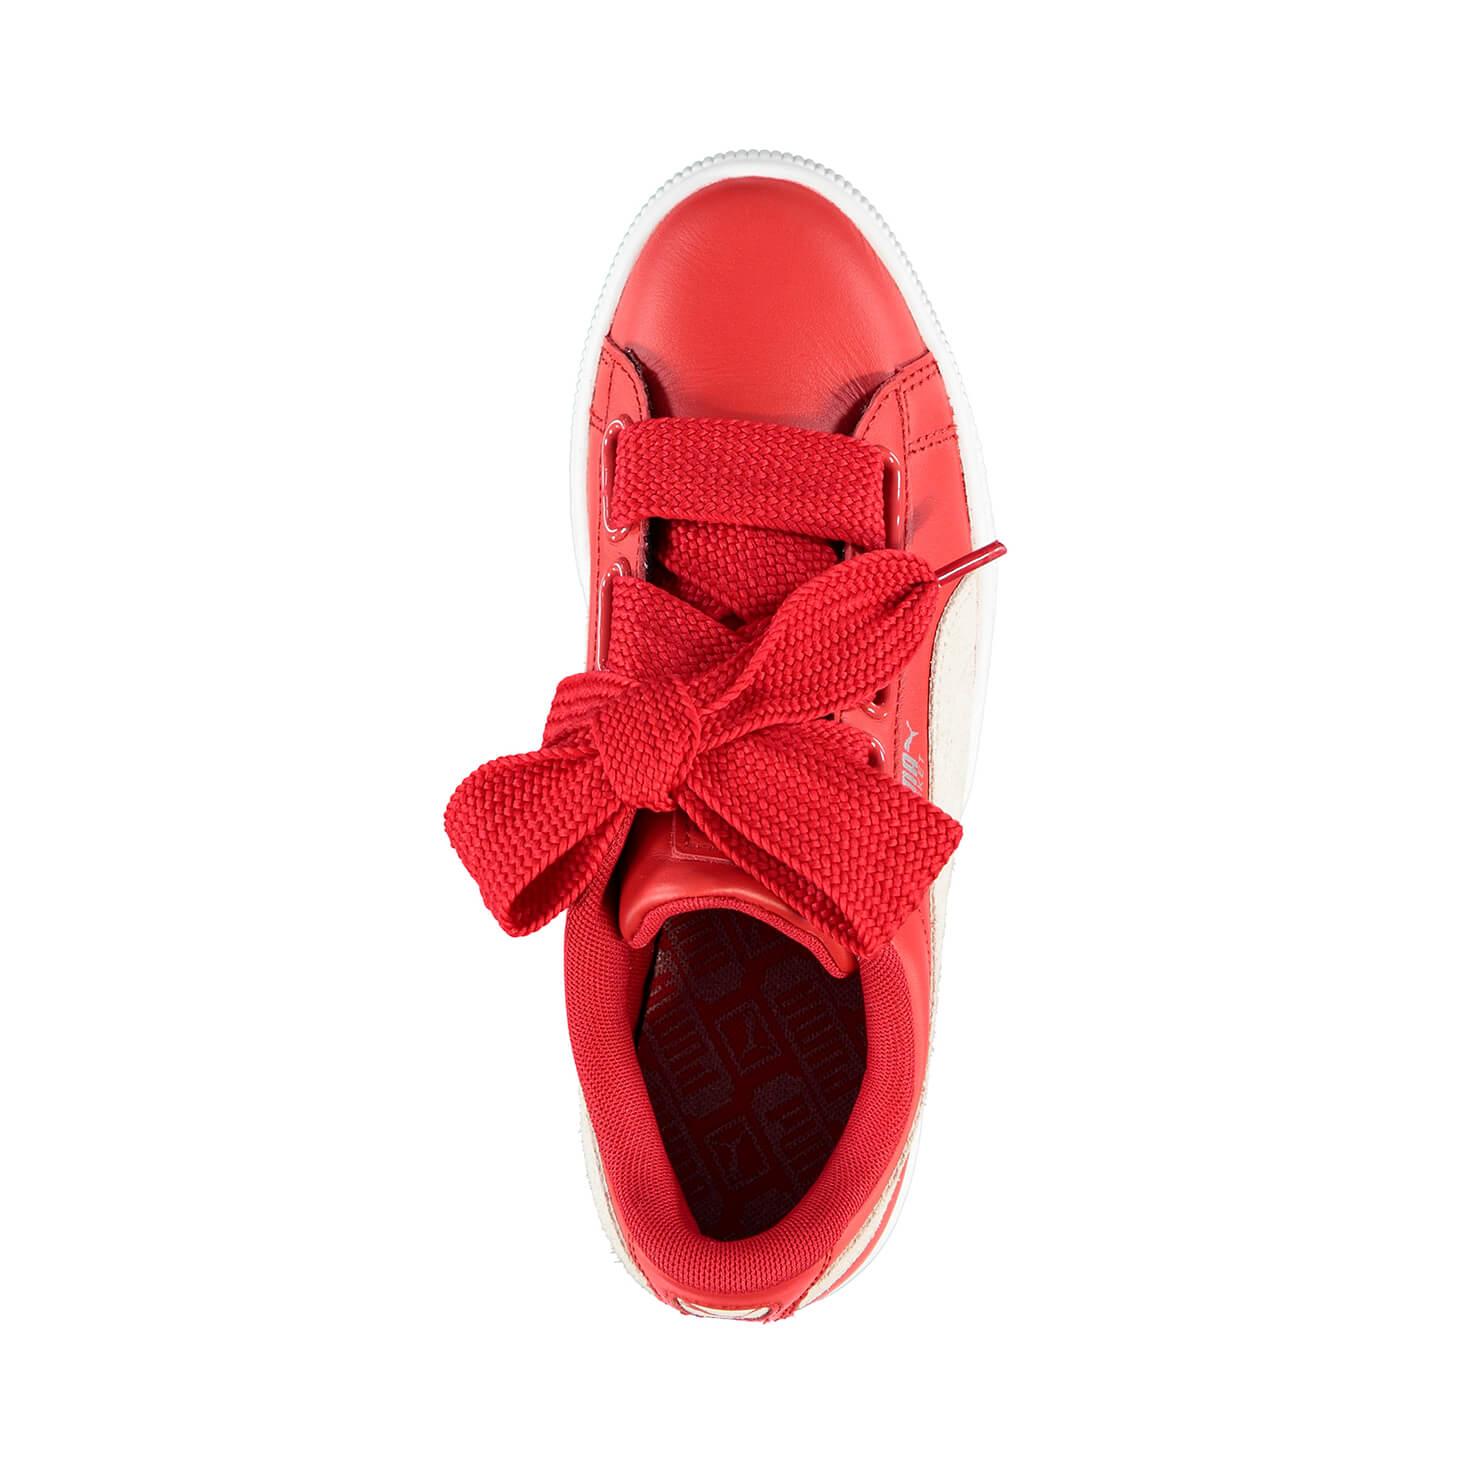 Puma Basket Heart Kadın Kırmızı Sneaker